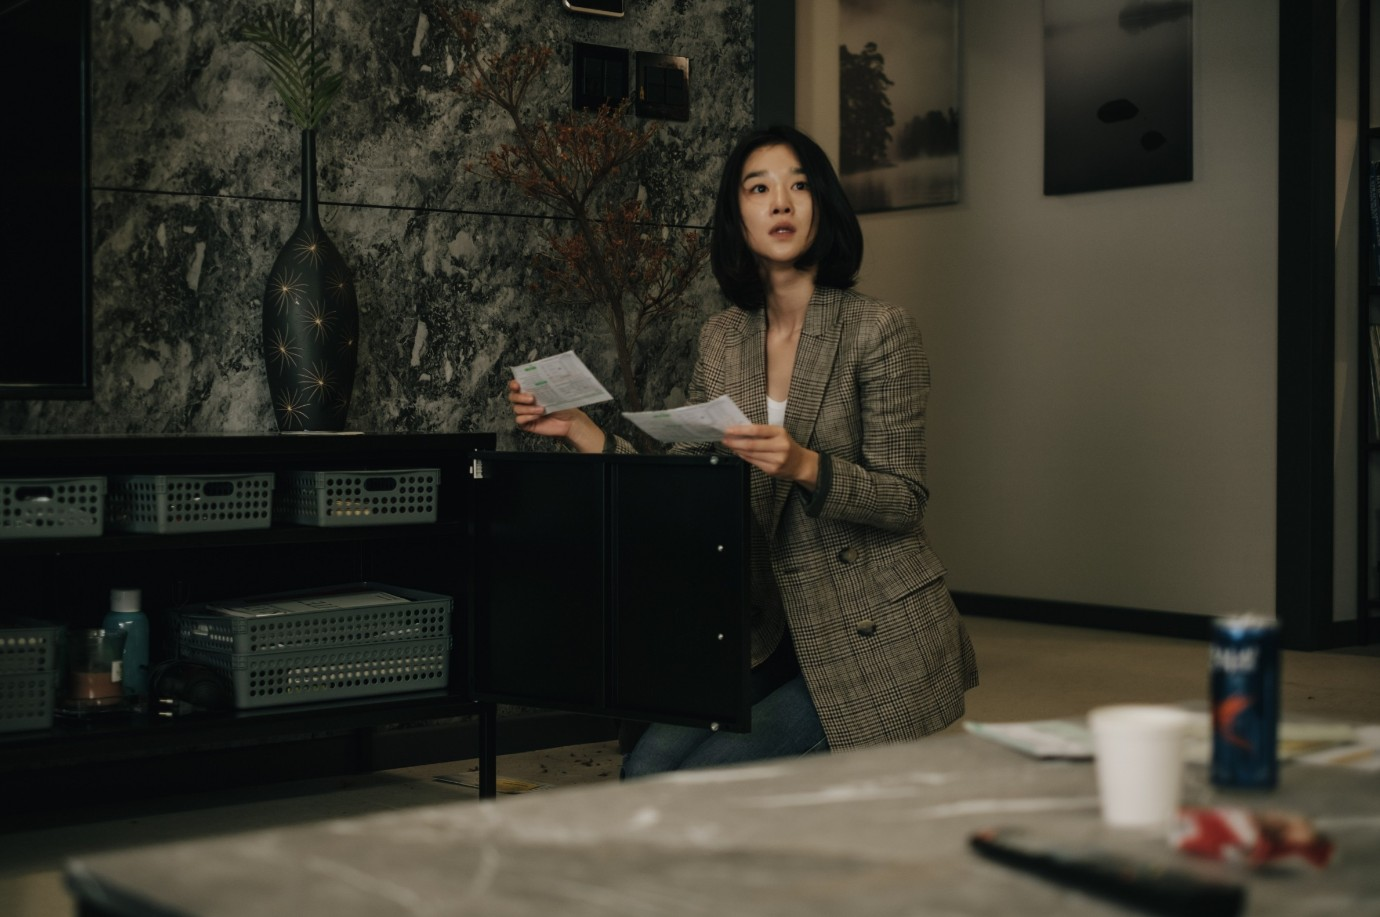 【2021韓國電影贈票】迴憶 04/29台灣上映|내일의 기억|Recalled @GINA環球旅行生活